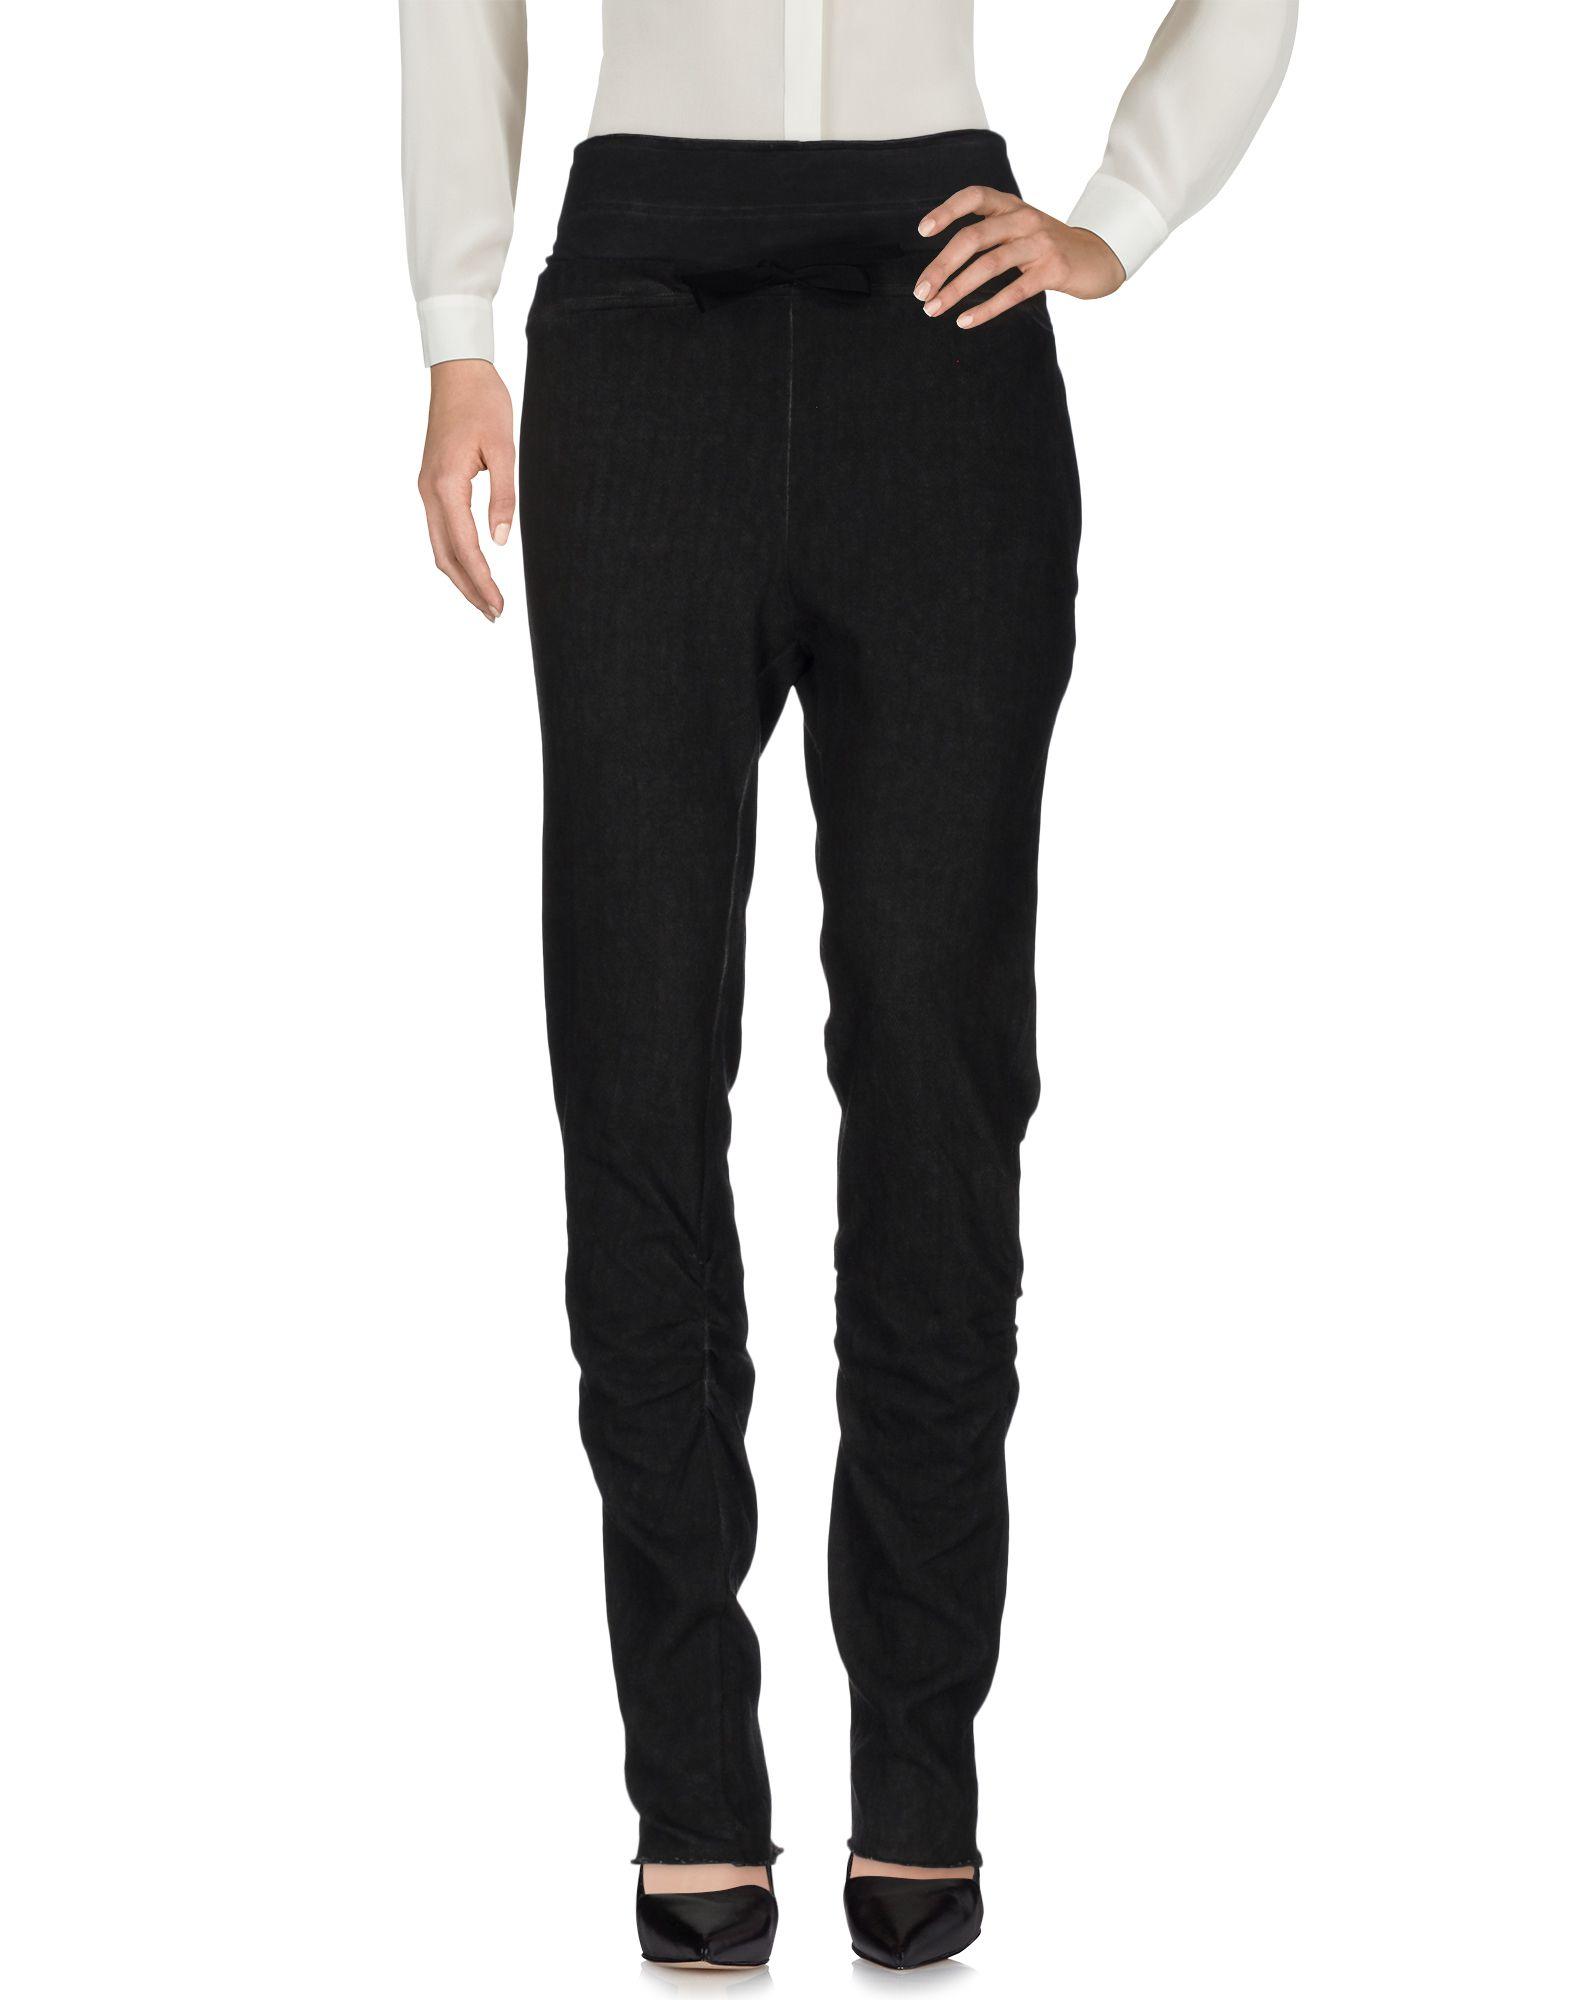 Pantalone Un-Namable donna donna donna - 36994136WG cf9